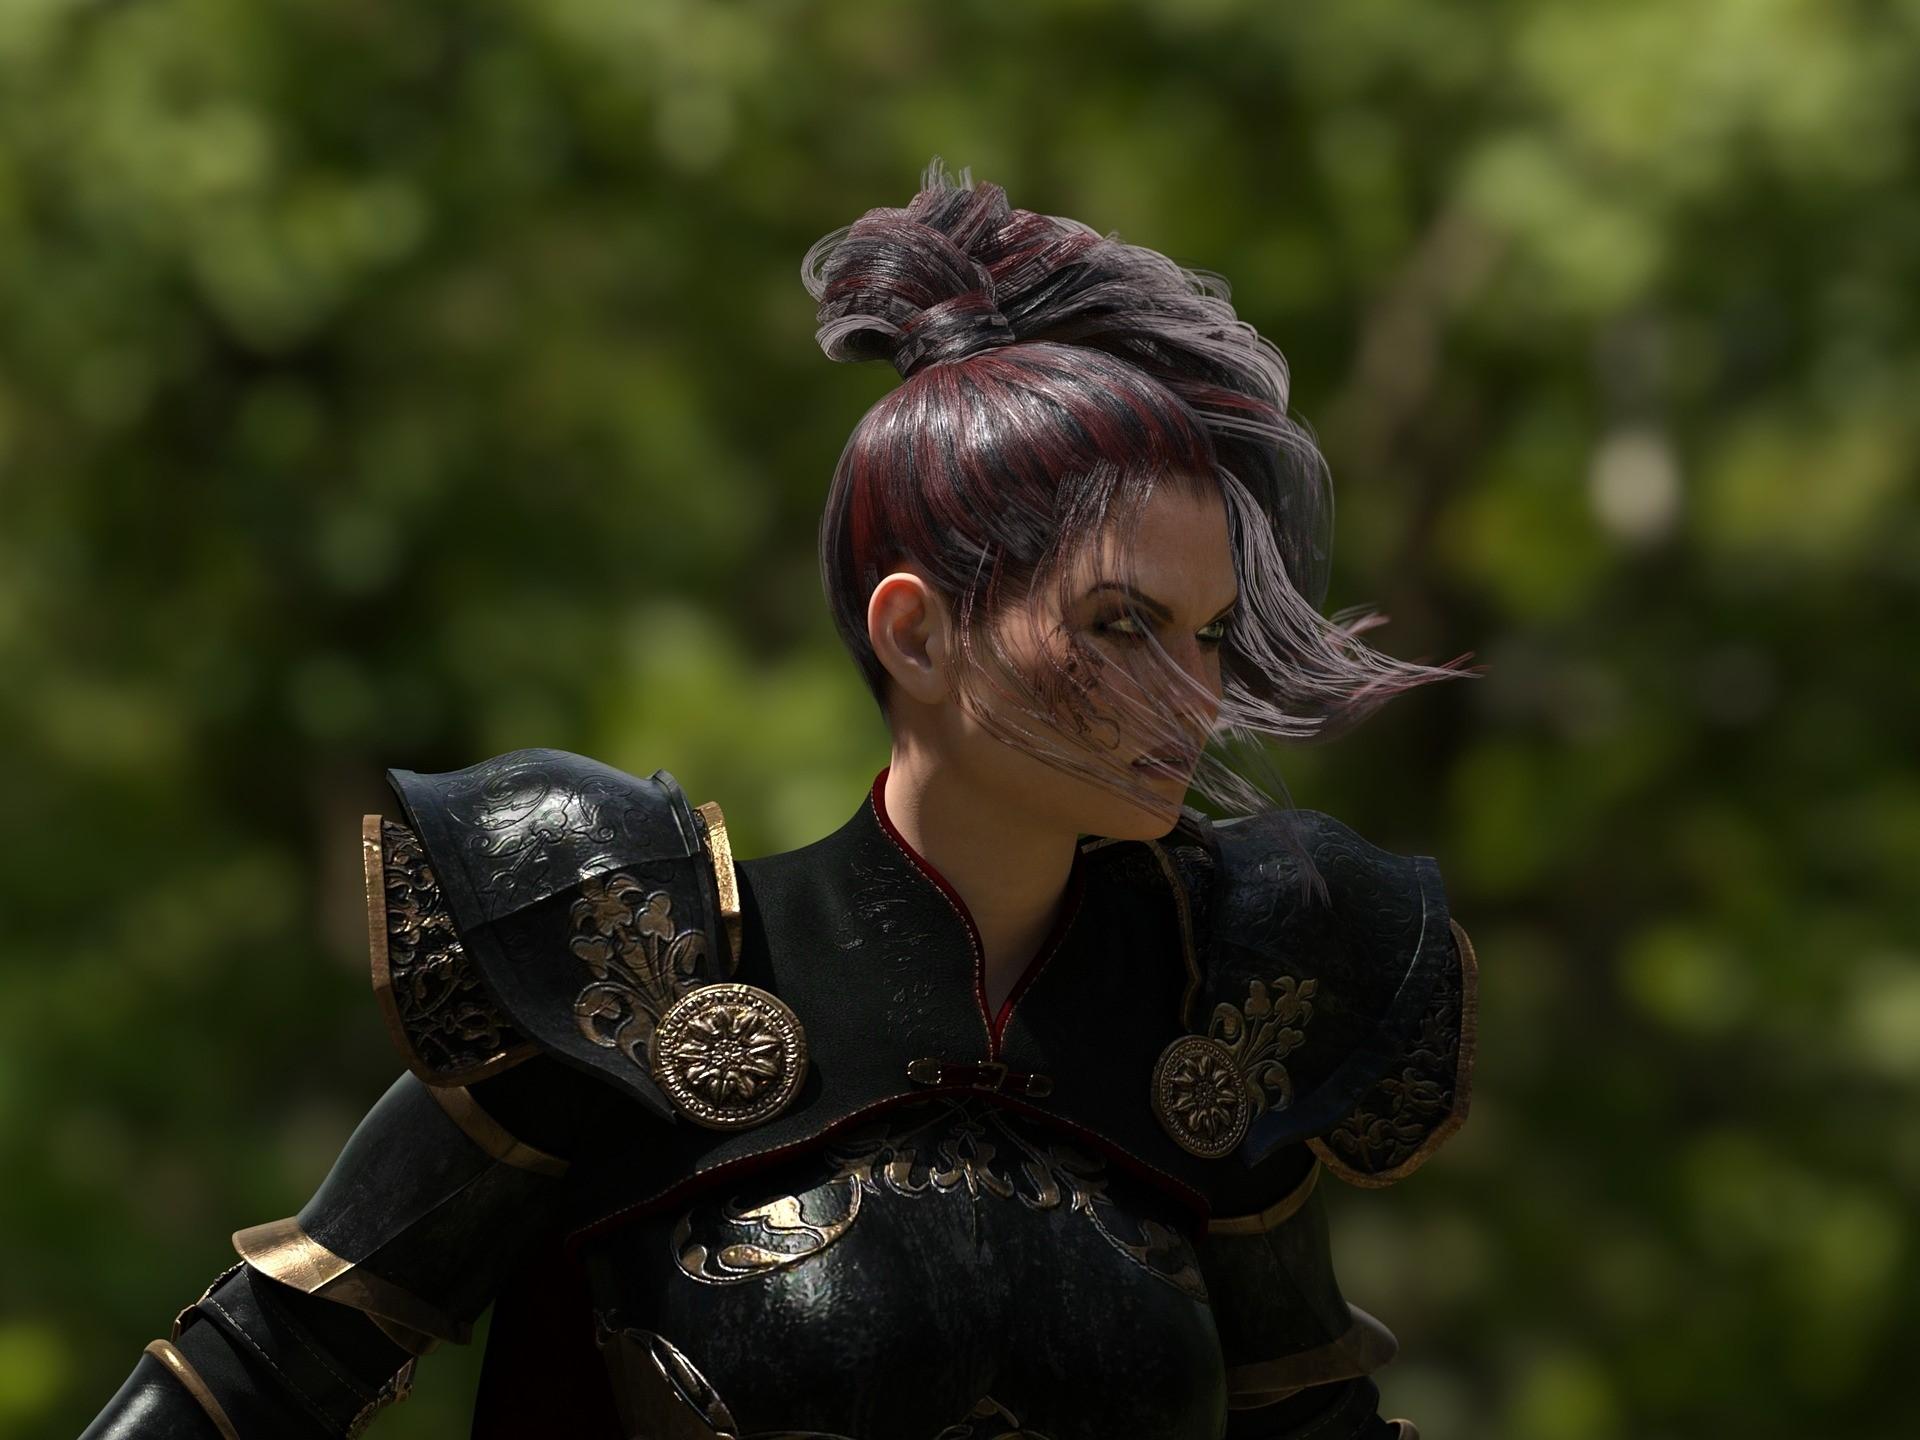 Superwoman, warrior